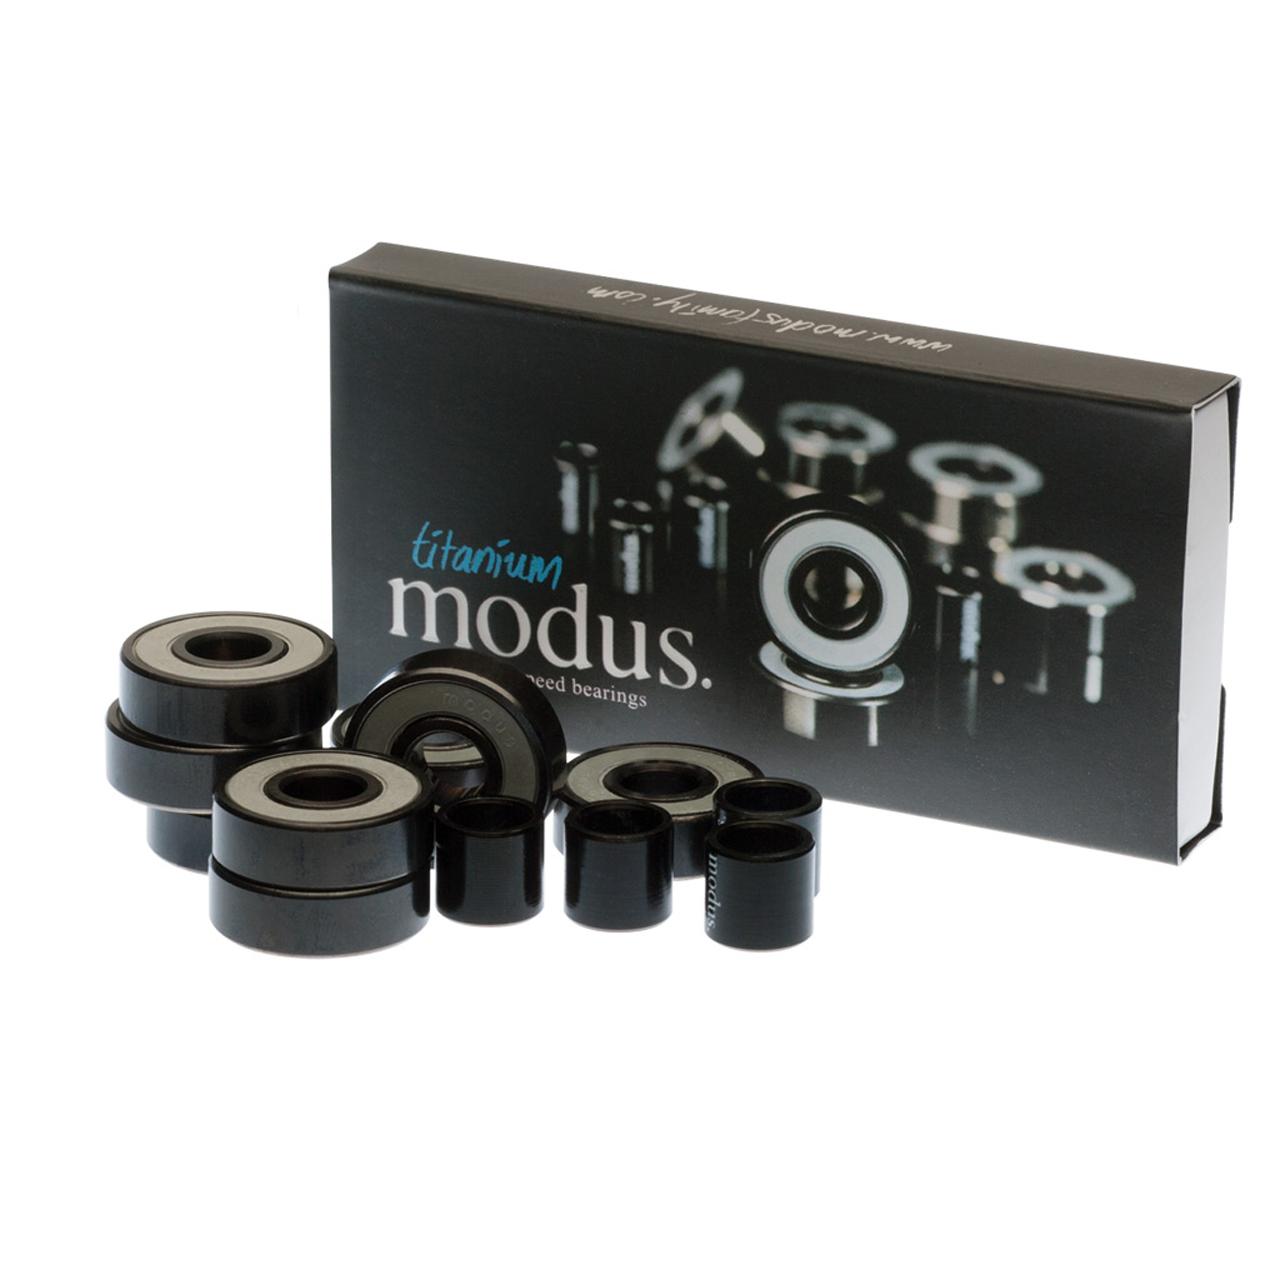 Modus_Titanium_Set